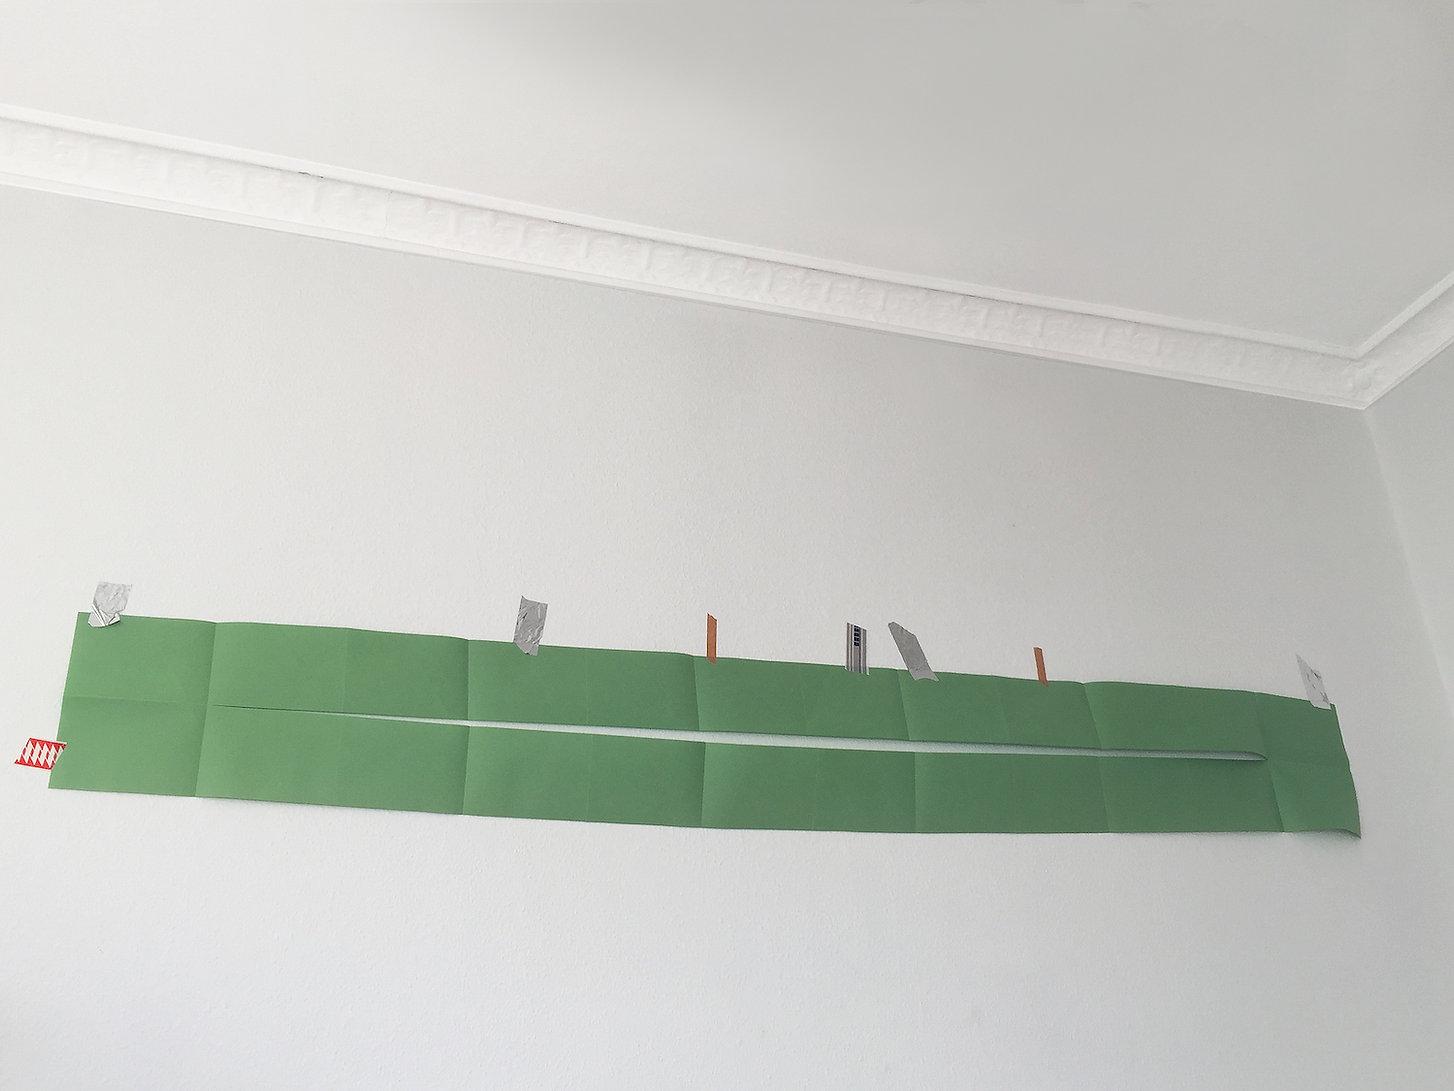 horizonon the wall_Goda Go.jpg